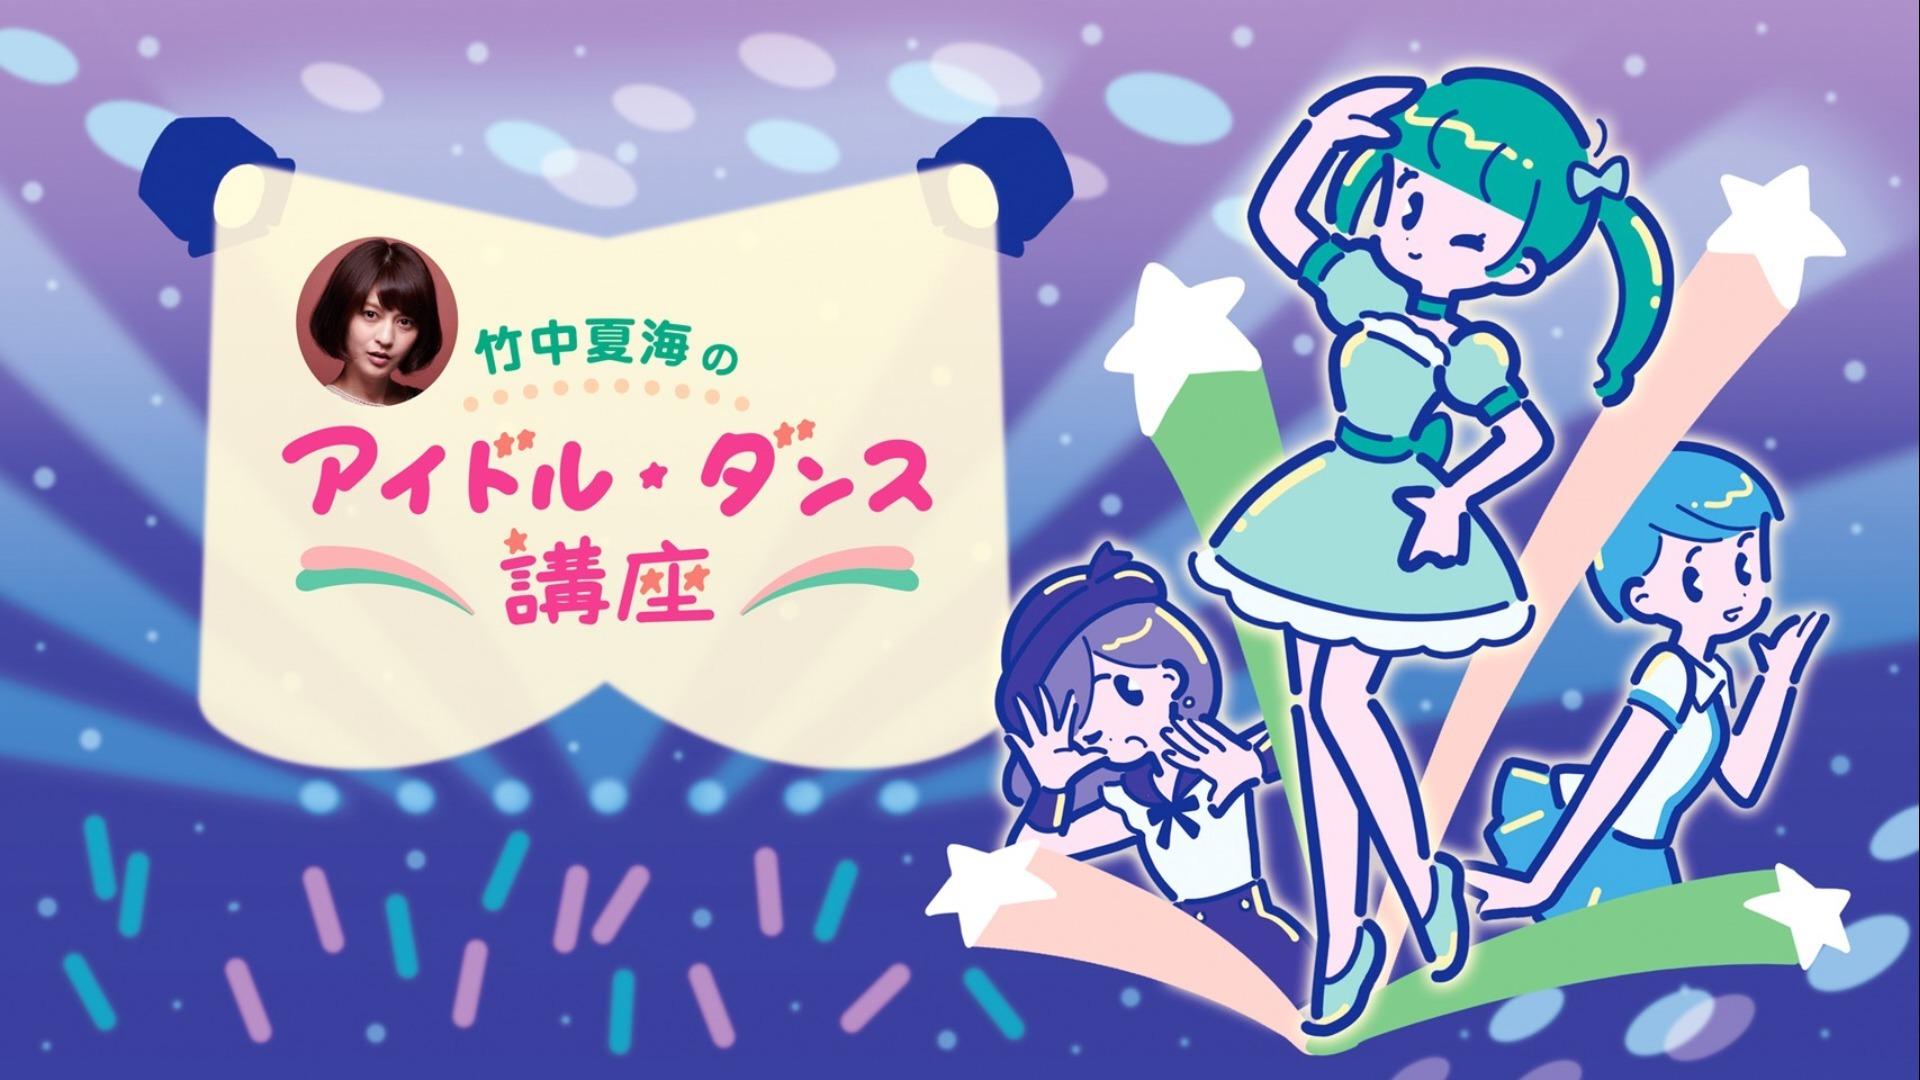 竹中夏海 - 竹中夏海のアイドル・ダンス講座 - DMM オンラインサロン